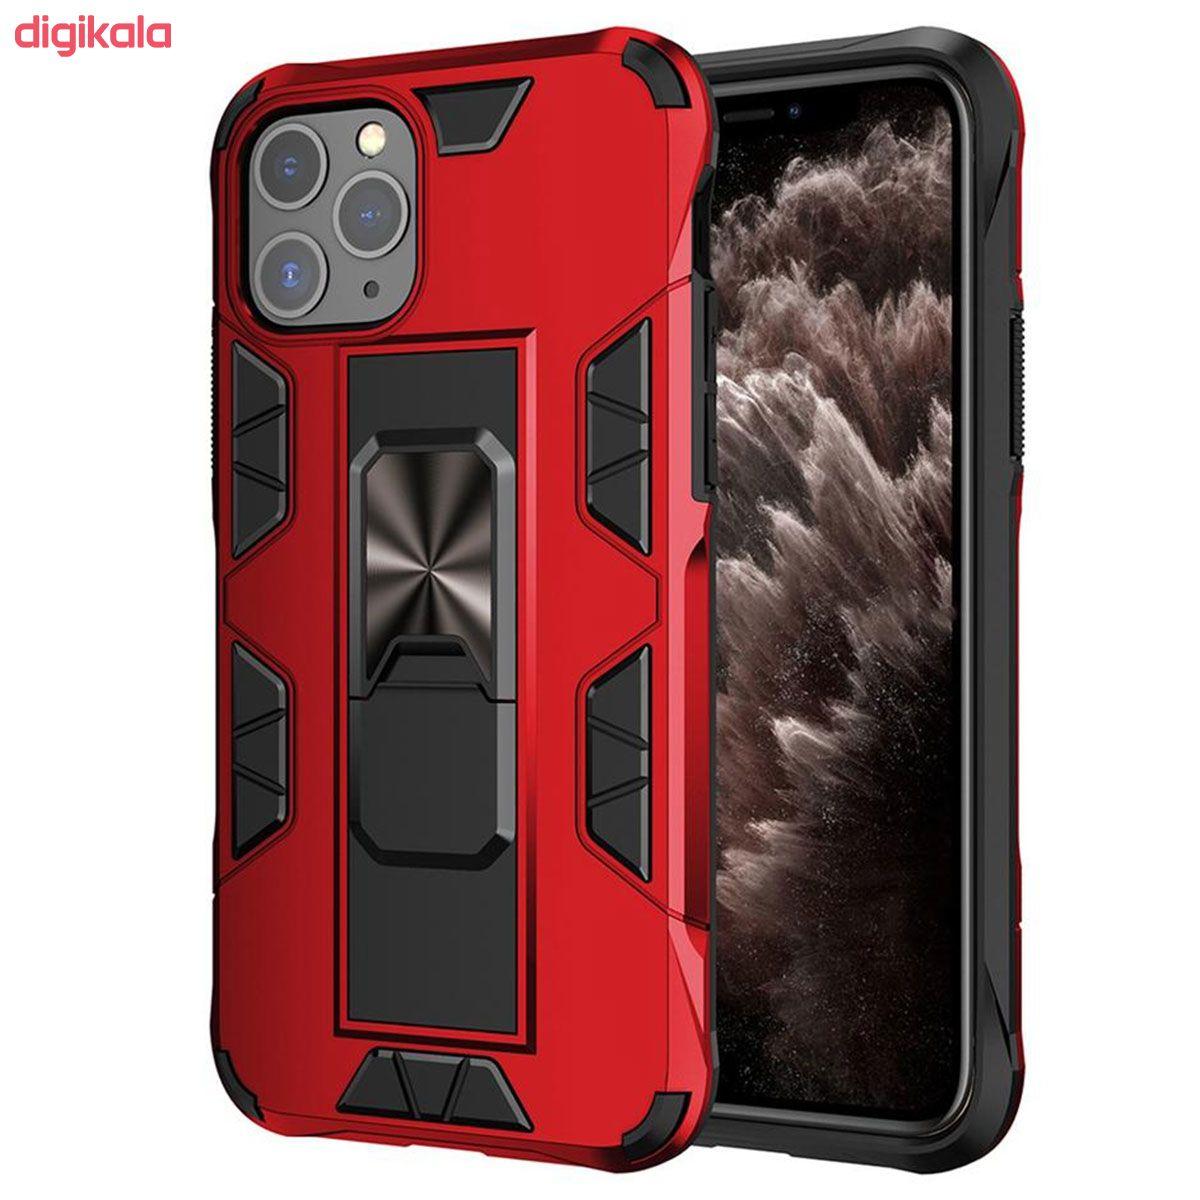 کاور لوکسار مدل Defence90s مناسب برای گوشی موبایل اپل iPhone 11 Pro main 1 9